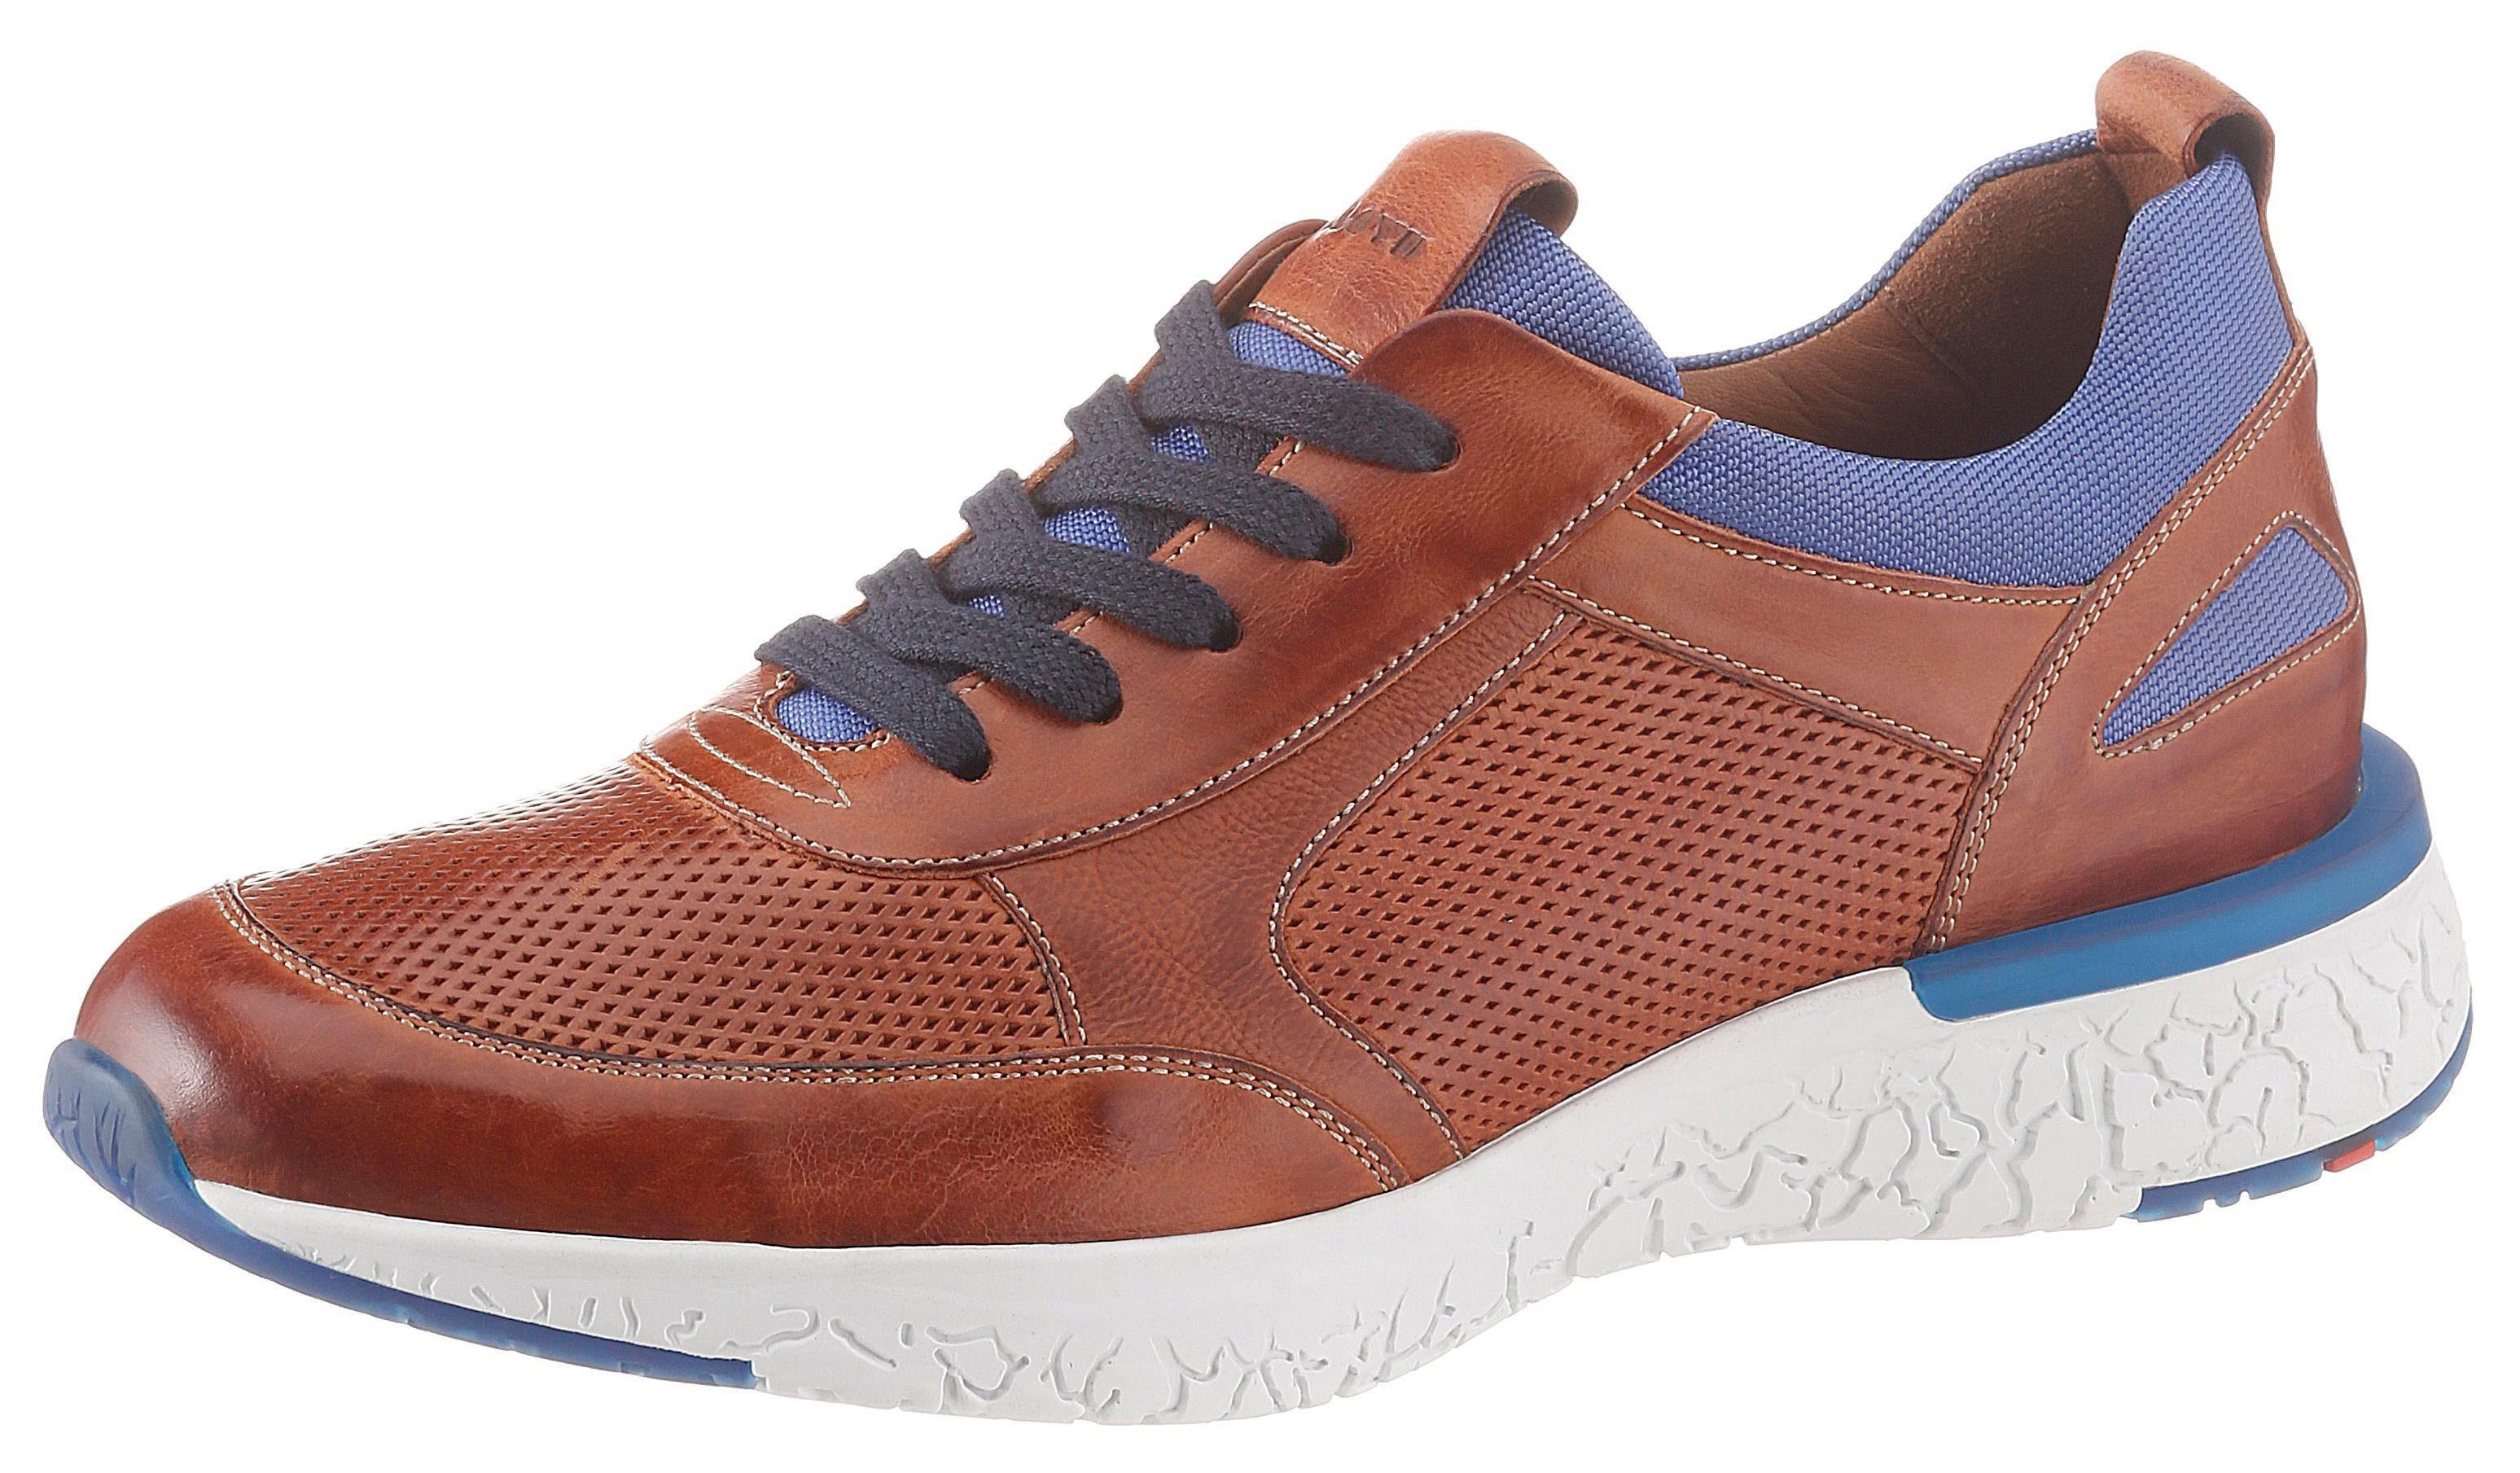 Lloyd »Babylon« Sneaker mit modischen Einsätzen blau, braun   04061693008052